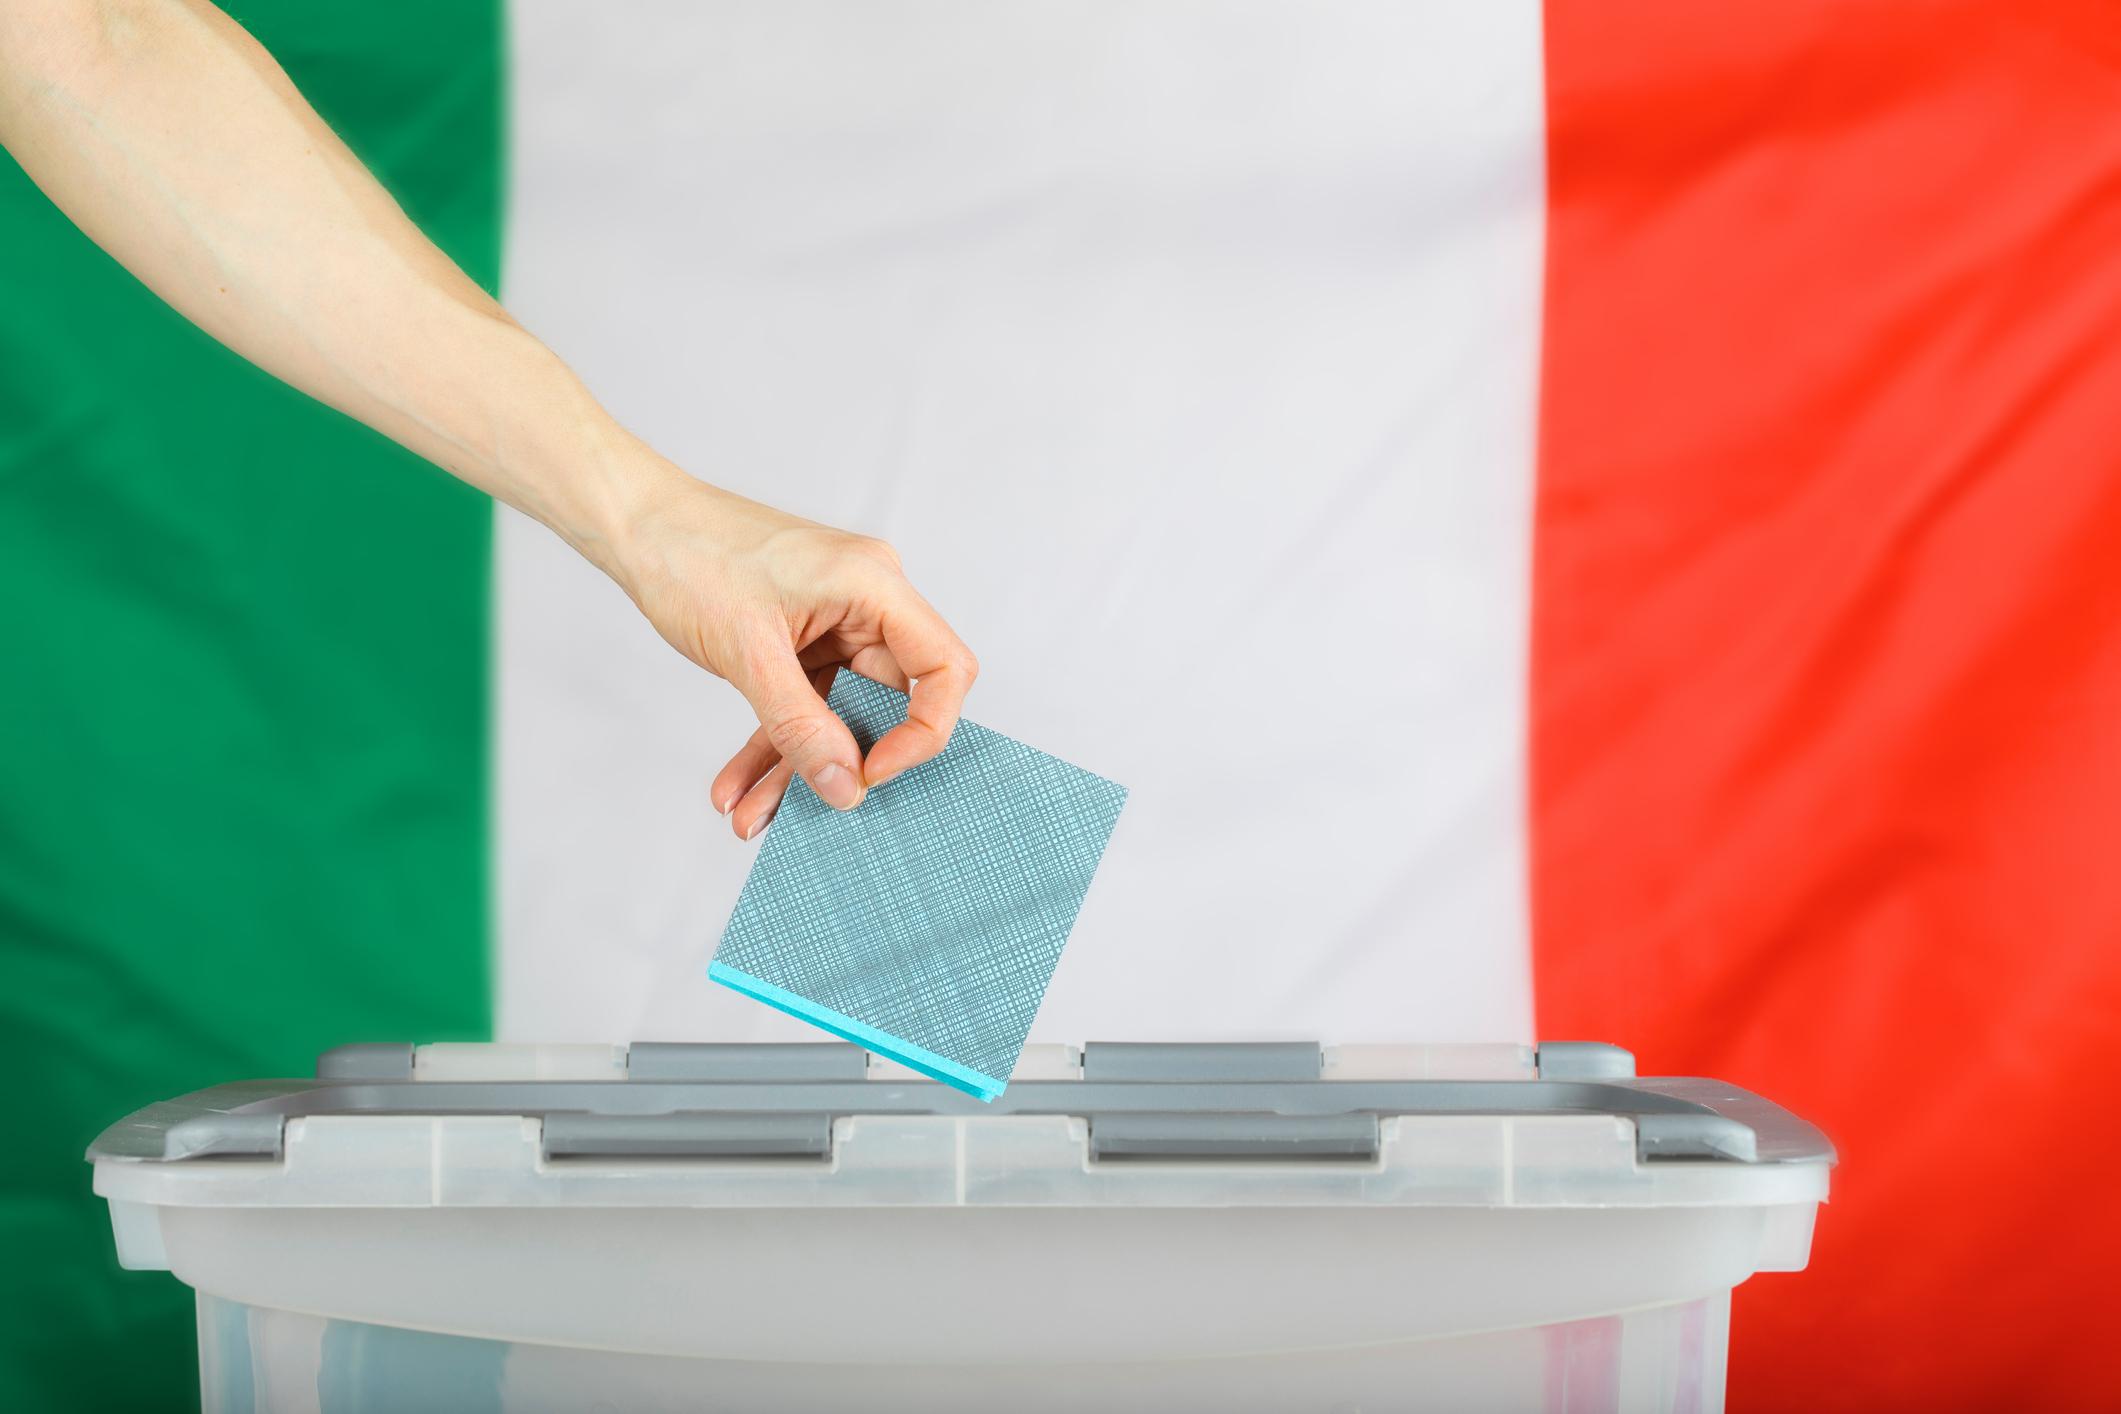 Legge statale per l'elezione del Presidente e Consiglio regionale